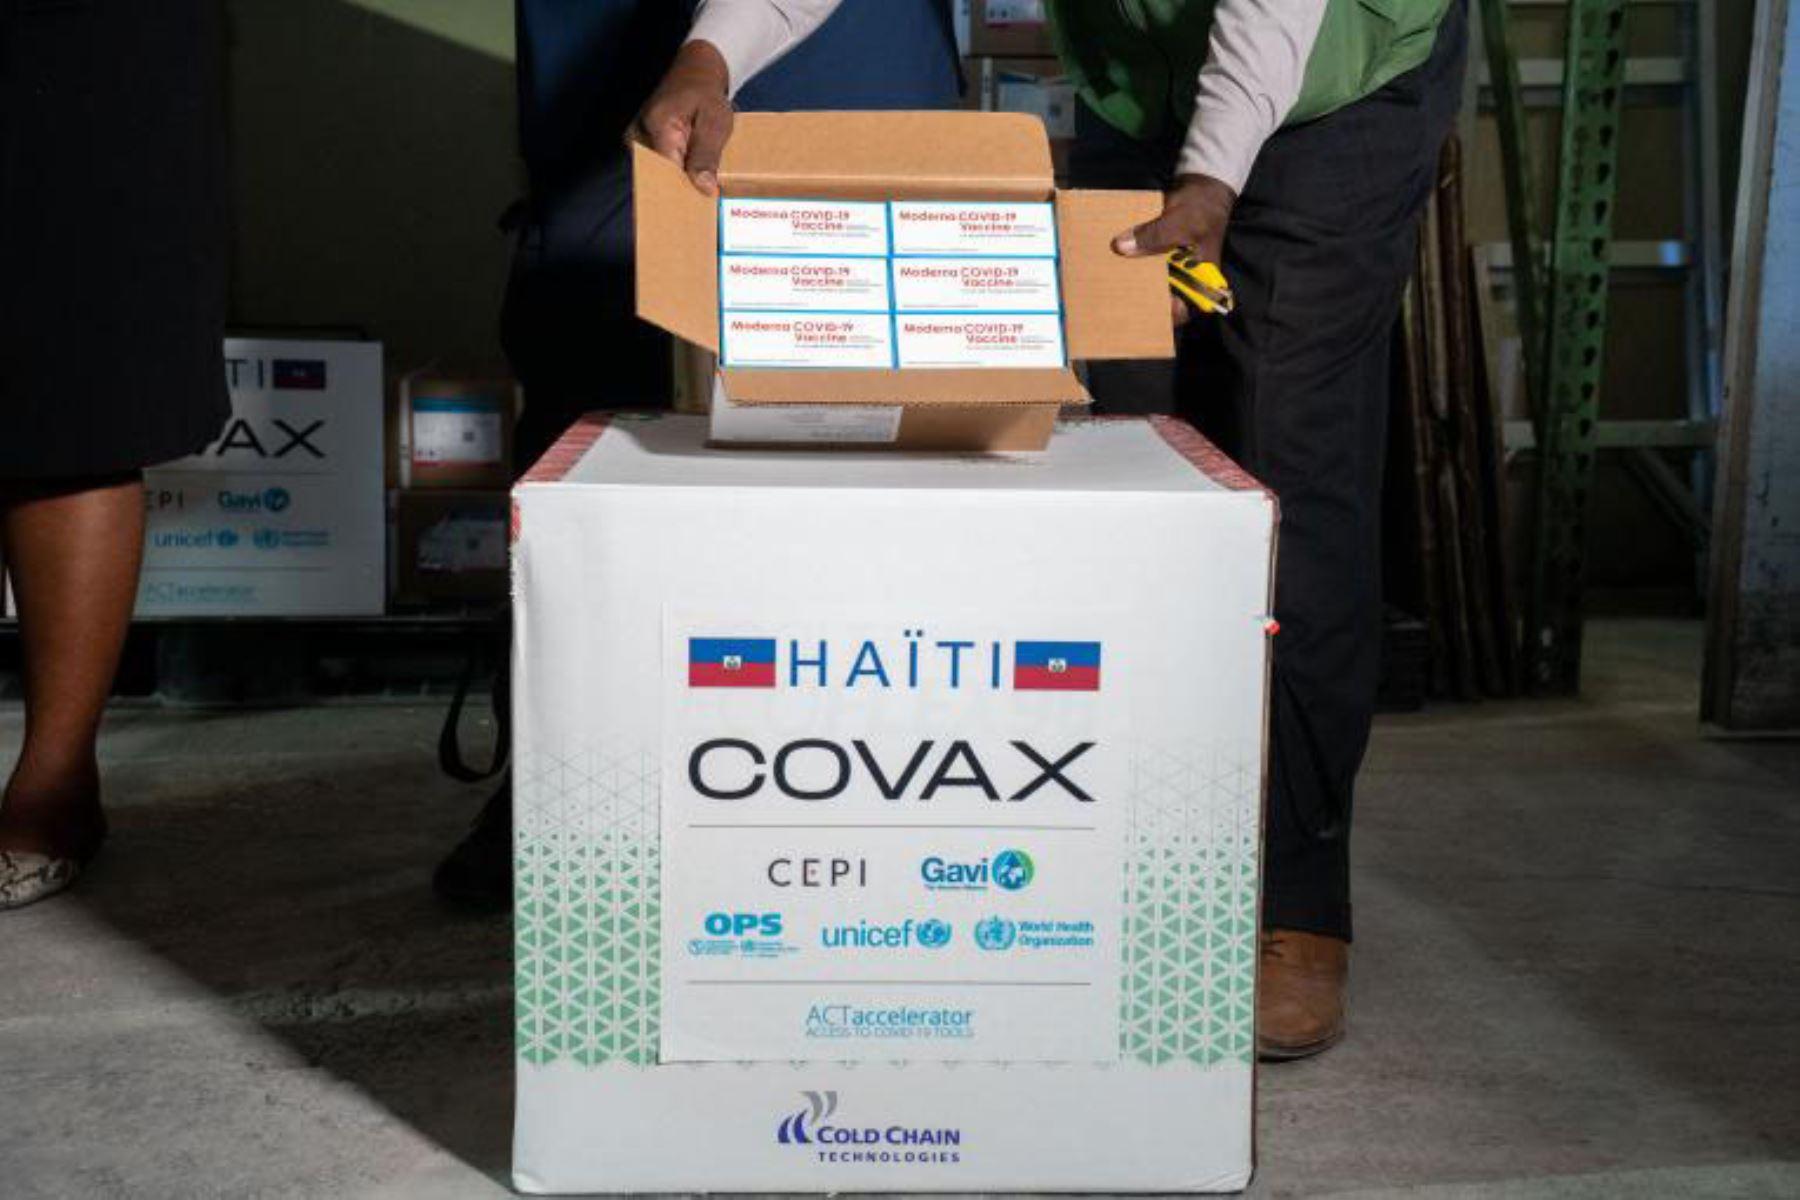 La pandemia ha golpeado relativamente poco a Haití, aunque se debe tener en cuenta la escasa capacidad del país para realizar pruebas. Foto: AFP